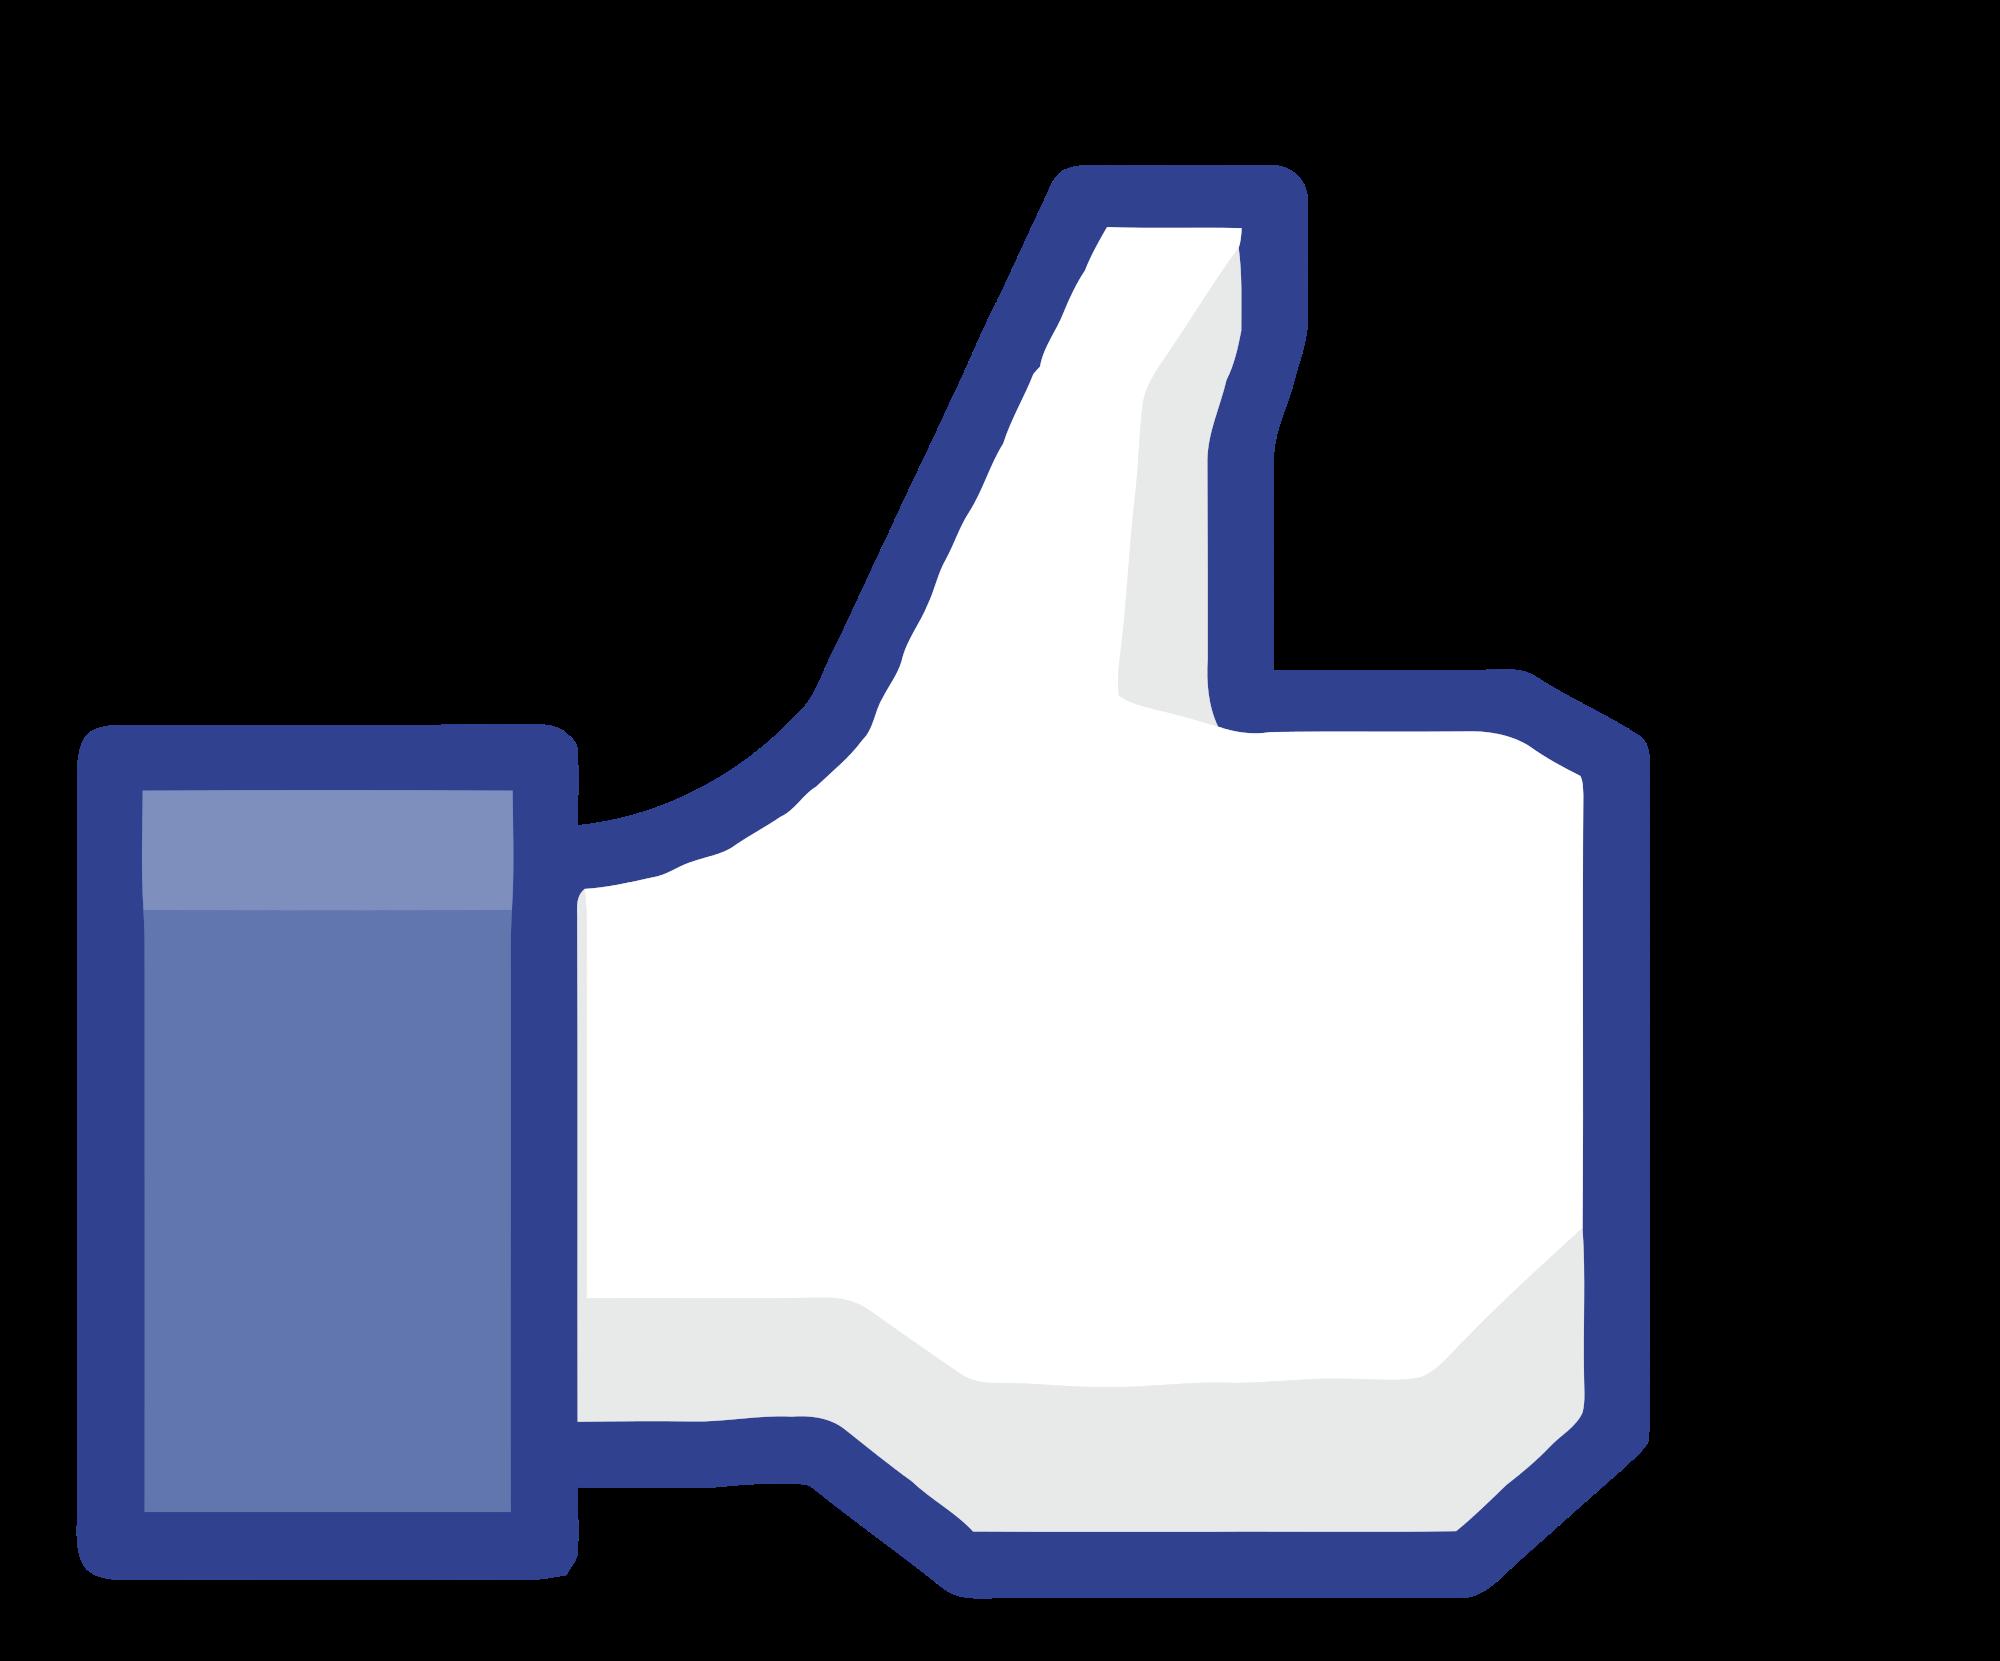 Facebook_logo_thumbs_up_like_transparent_SVG.svg.png